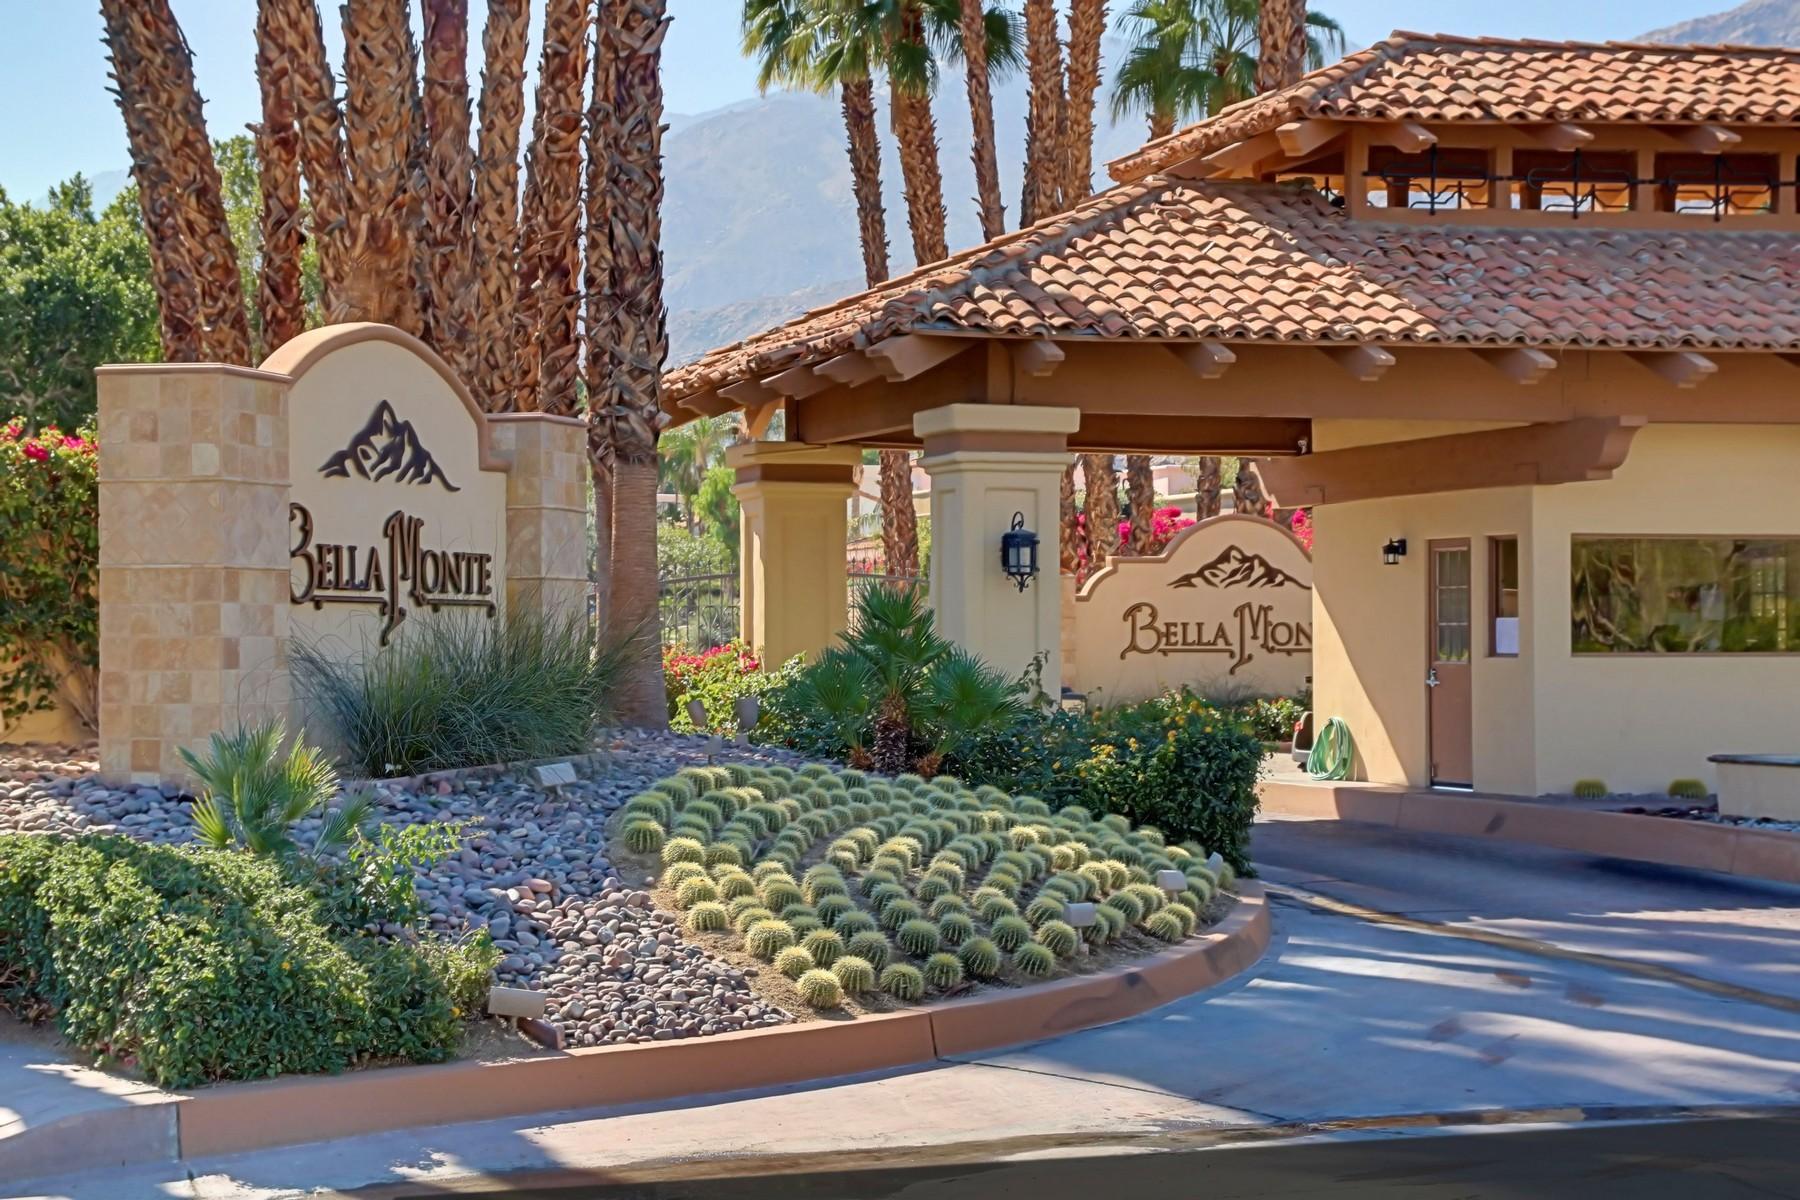 土地 为 销售 在 Bella Monte 38162 Via Roberta Palm Springs, 加利福尼亚州 92264 美国